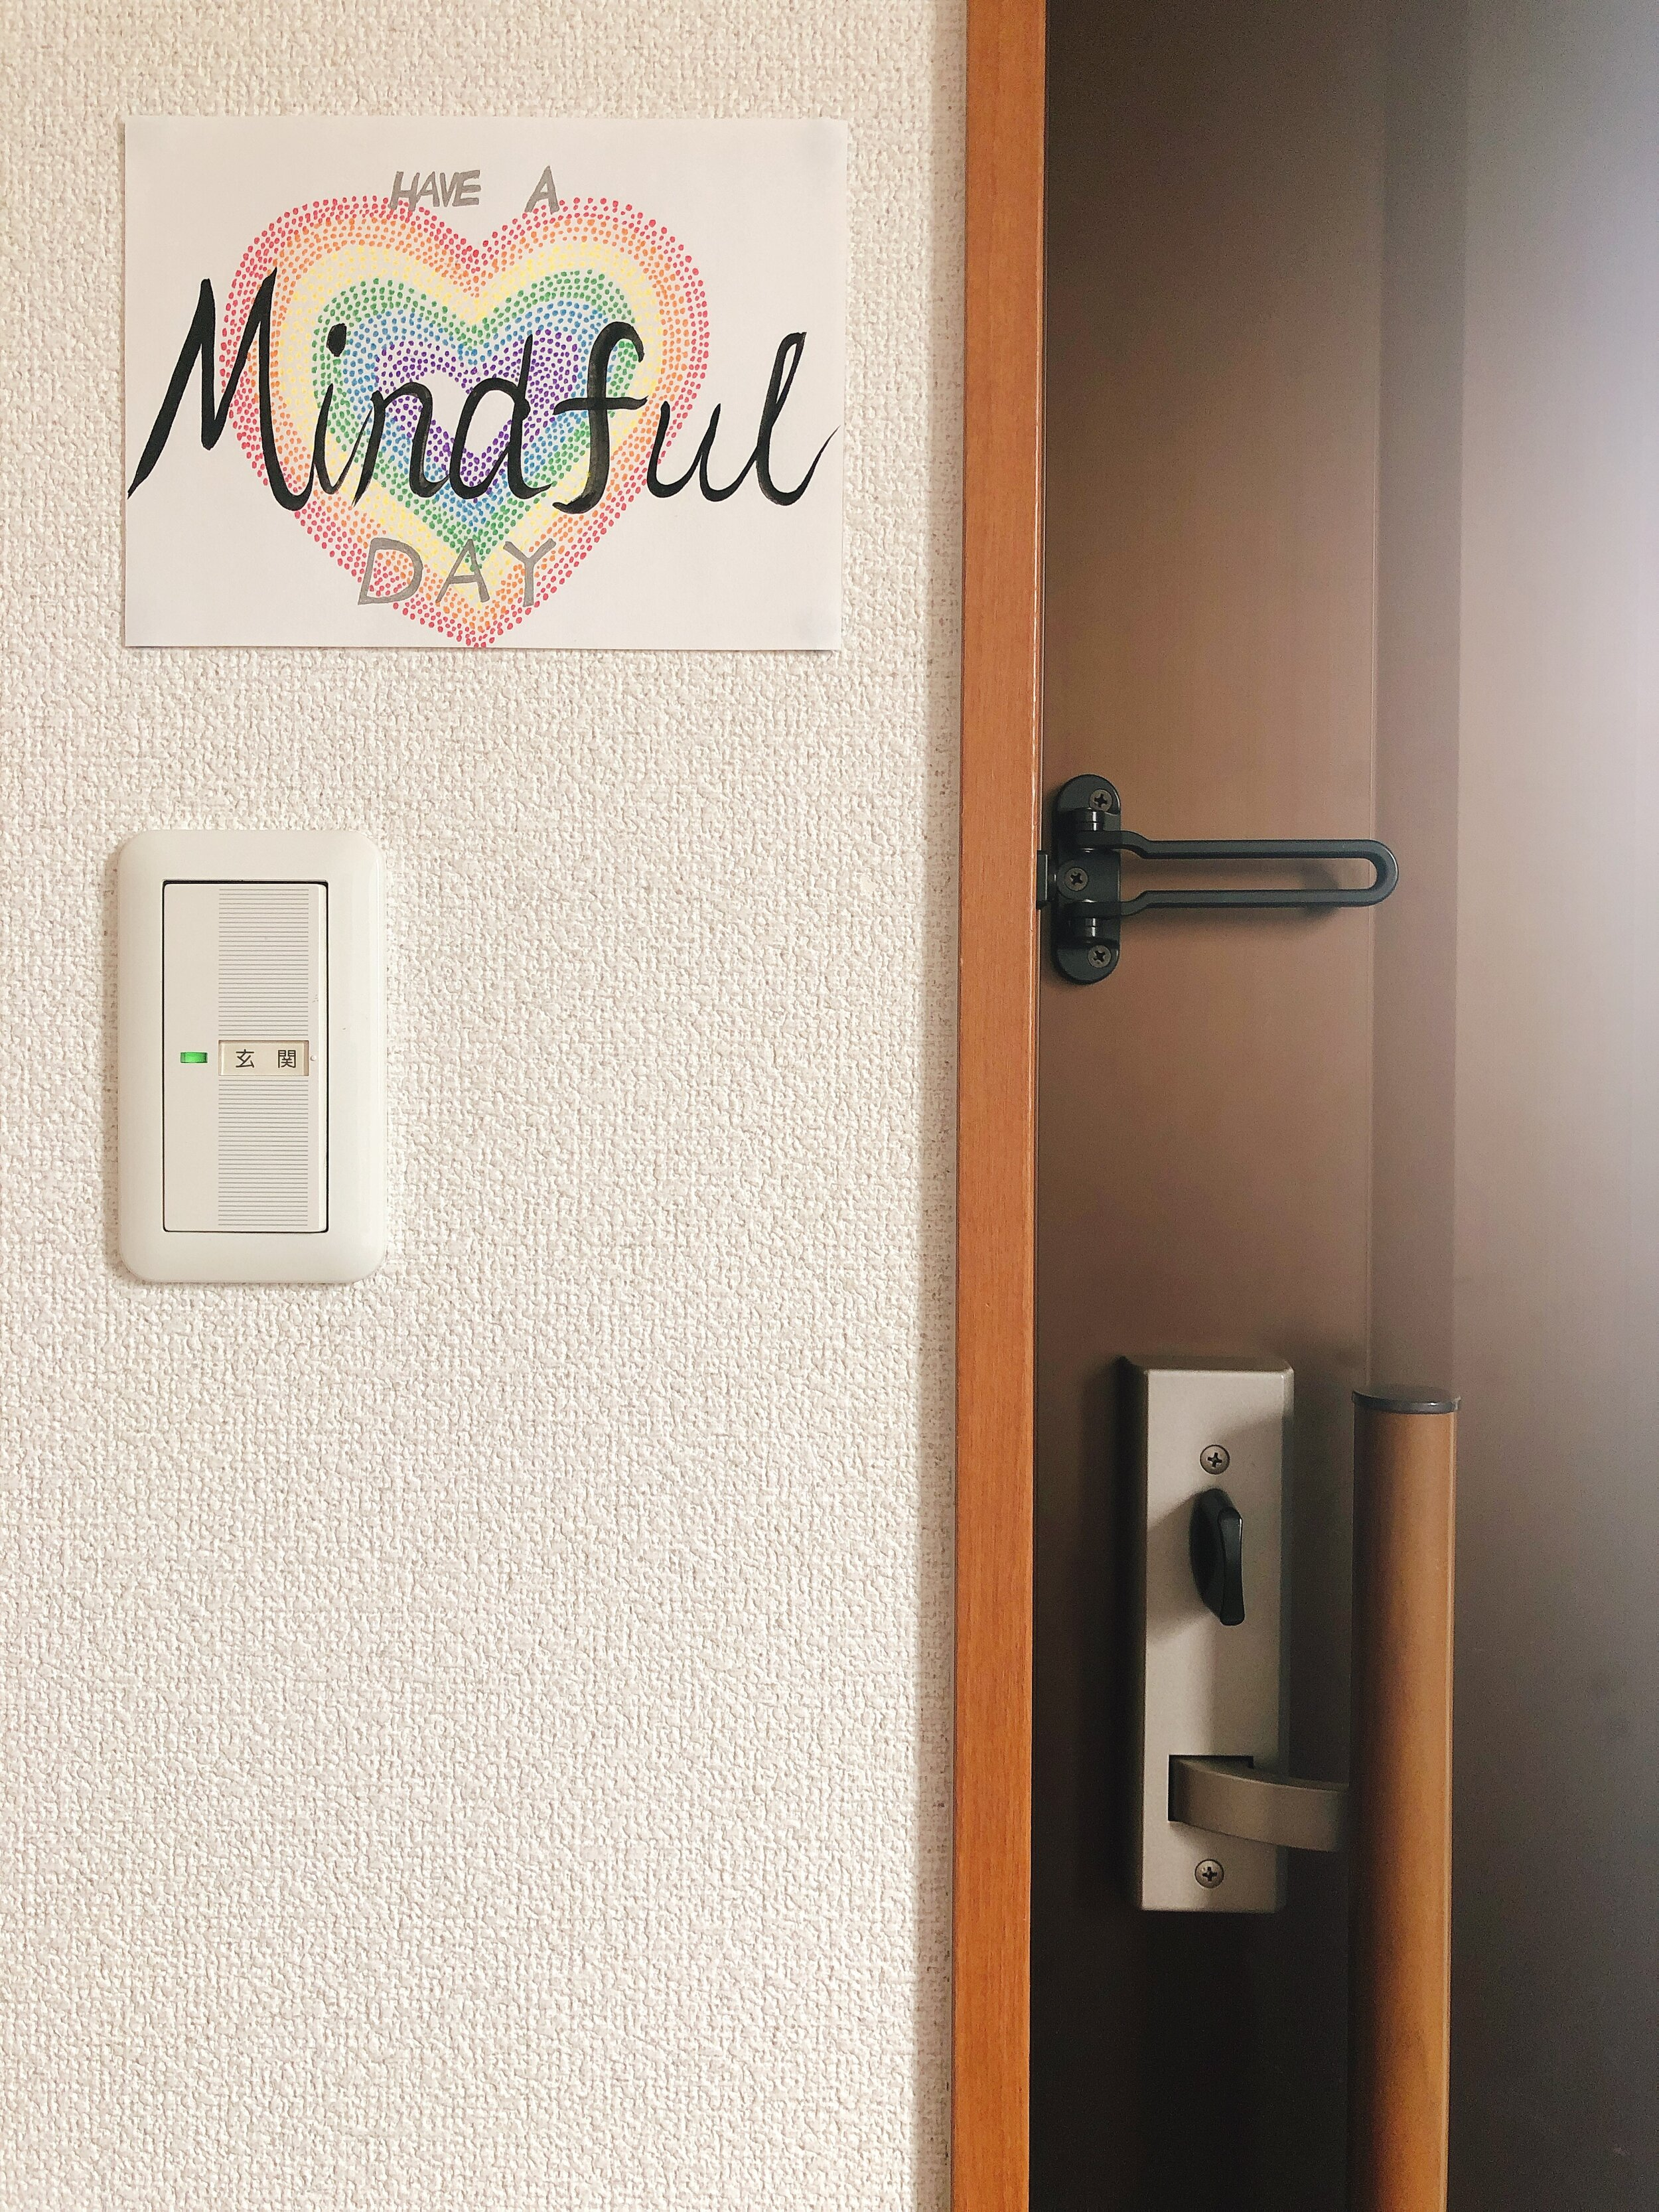 うちの玄関に貼った、マインドフルネス・リマインダー。家から出る時の、ちょっとした意識調整のために。